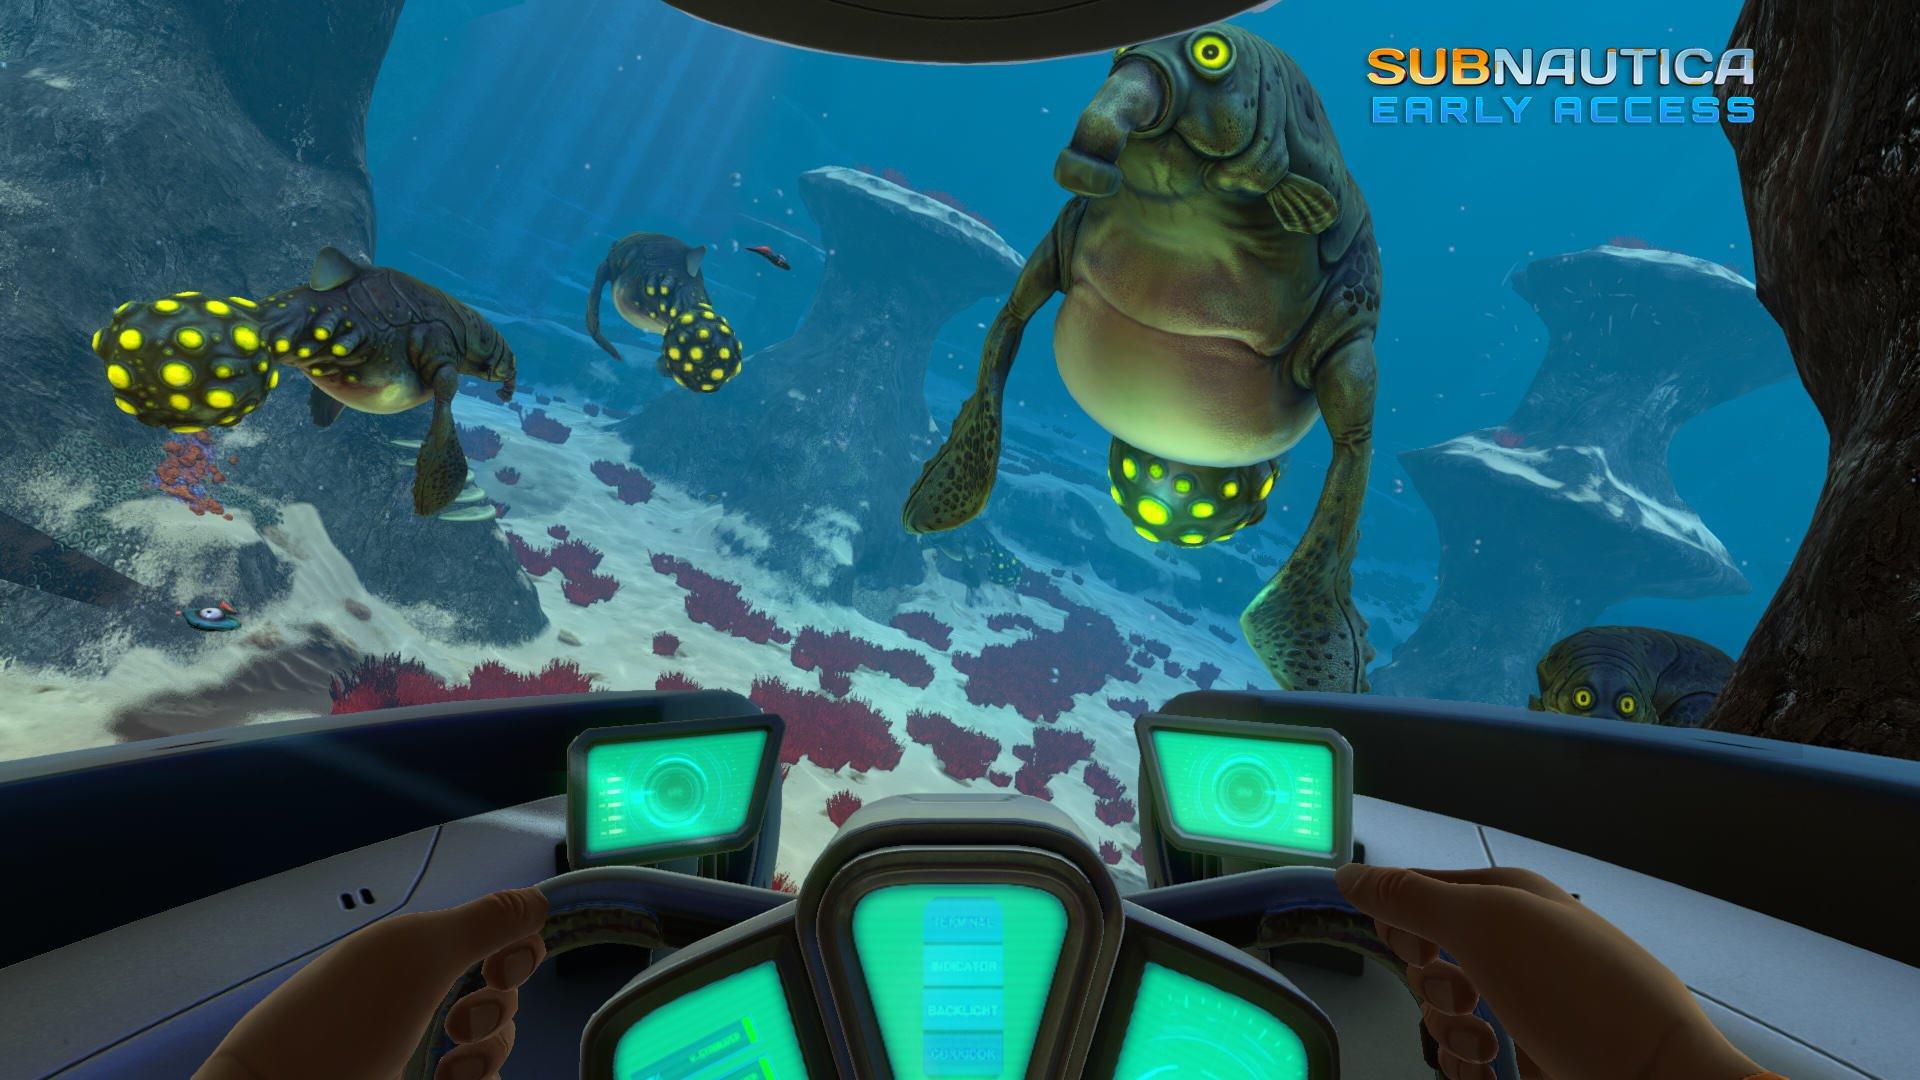 subnautica ocean симулятор выживания в океане отвратительные мужики disgusting men